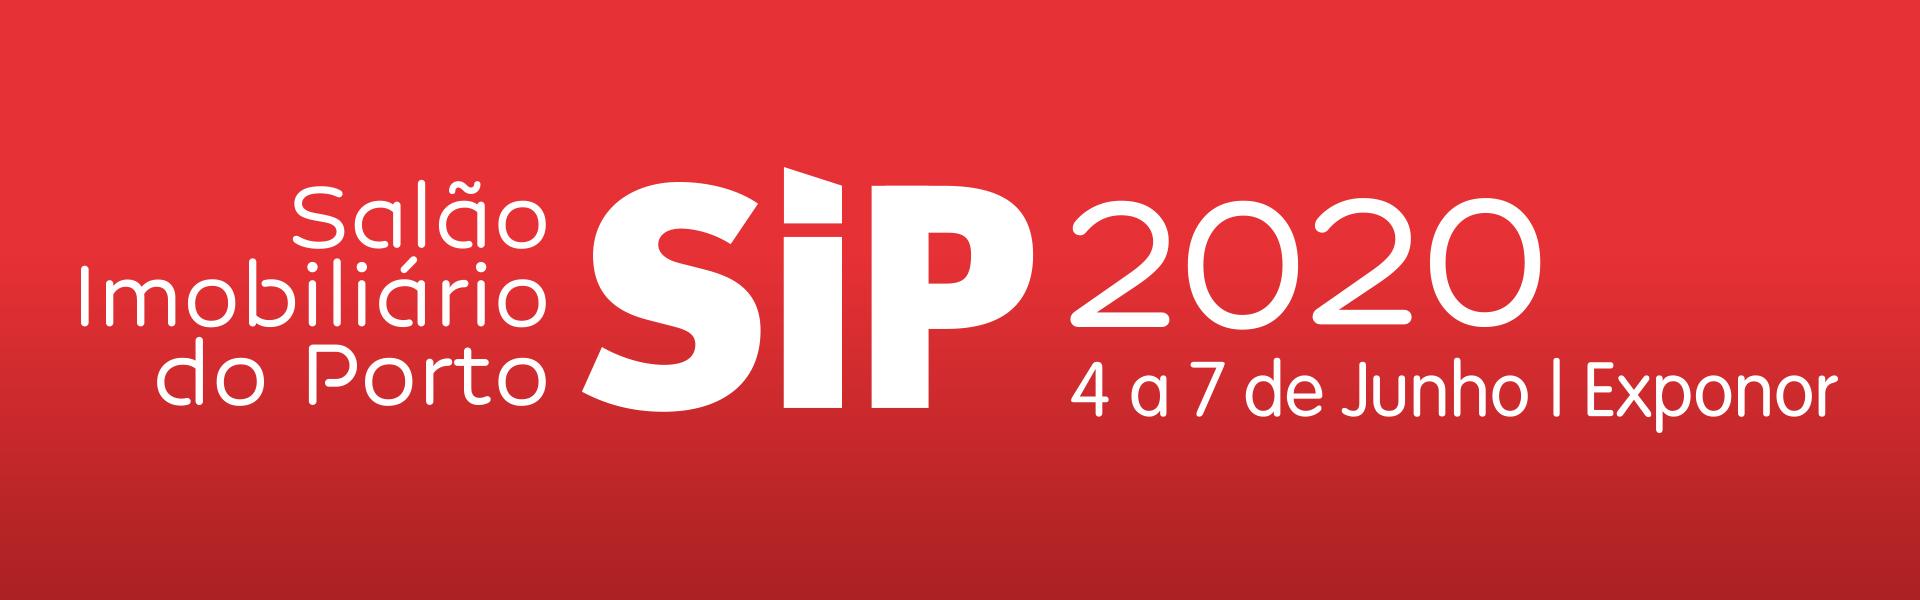 SIP 2020 - Salão Imobiliário do Porto